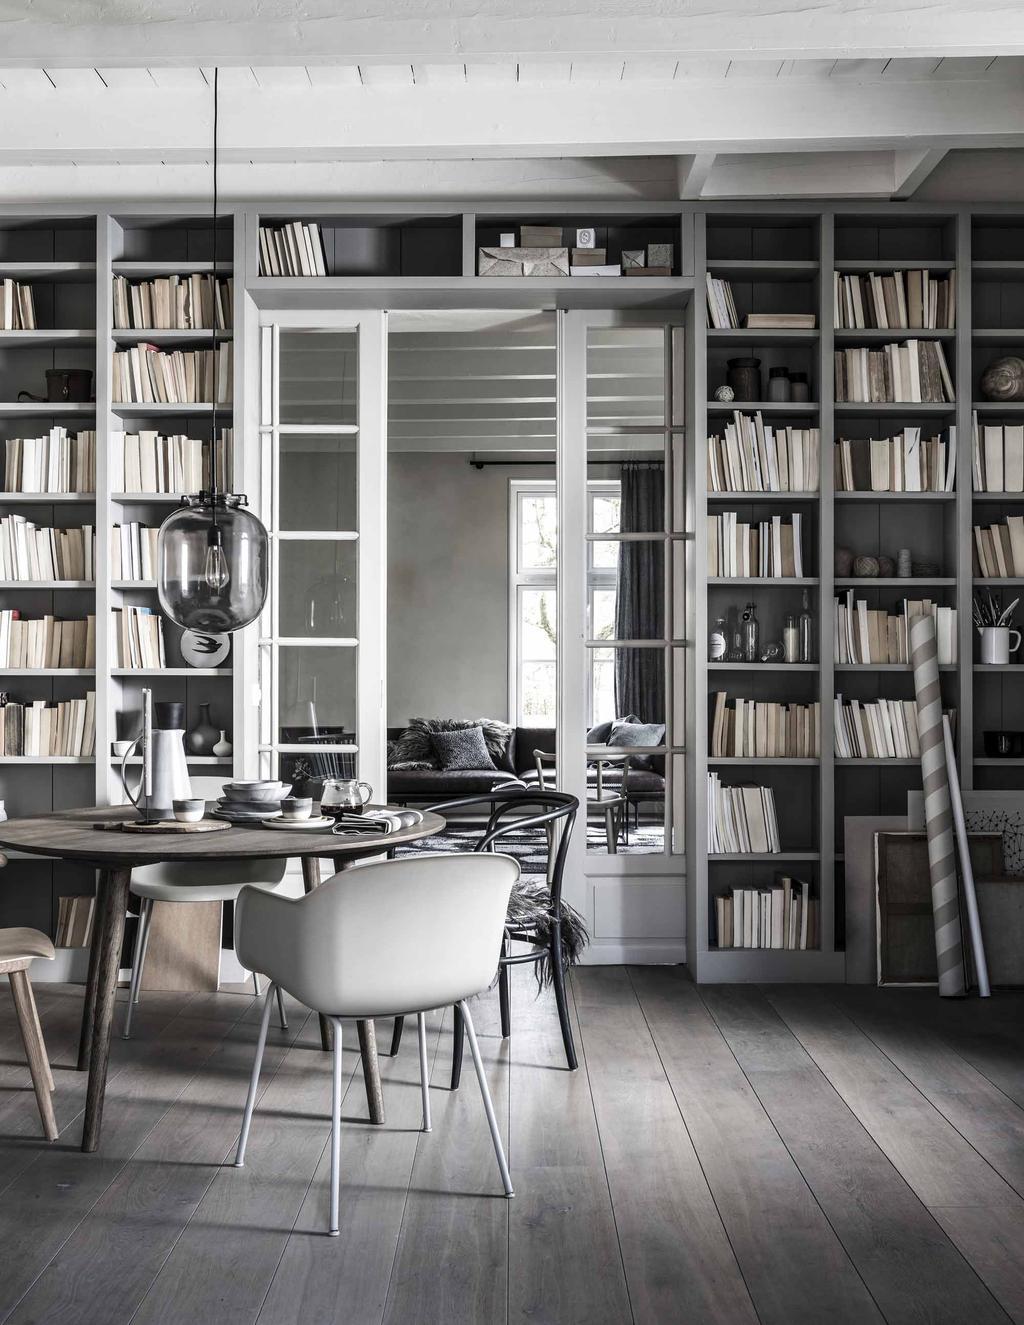 Een wandboekenkast met een ronde eettafel en stoelen in verschillende tinten grijs